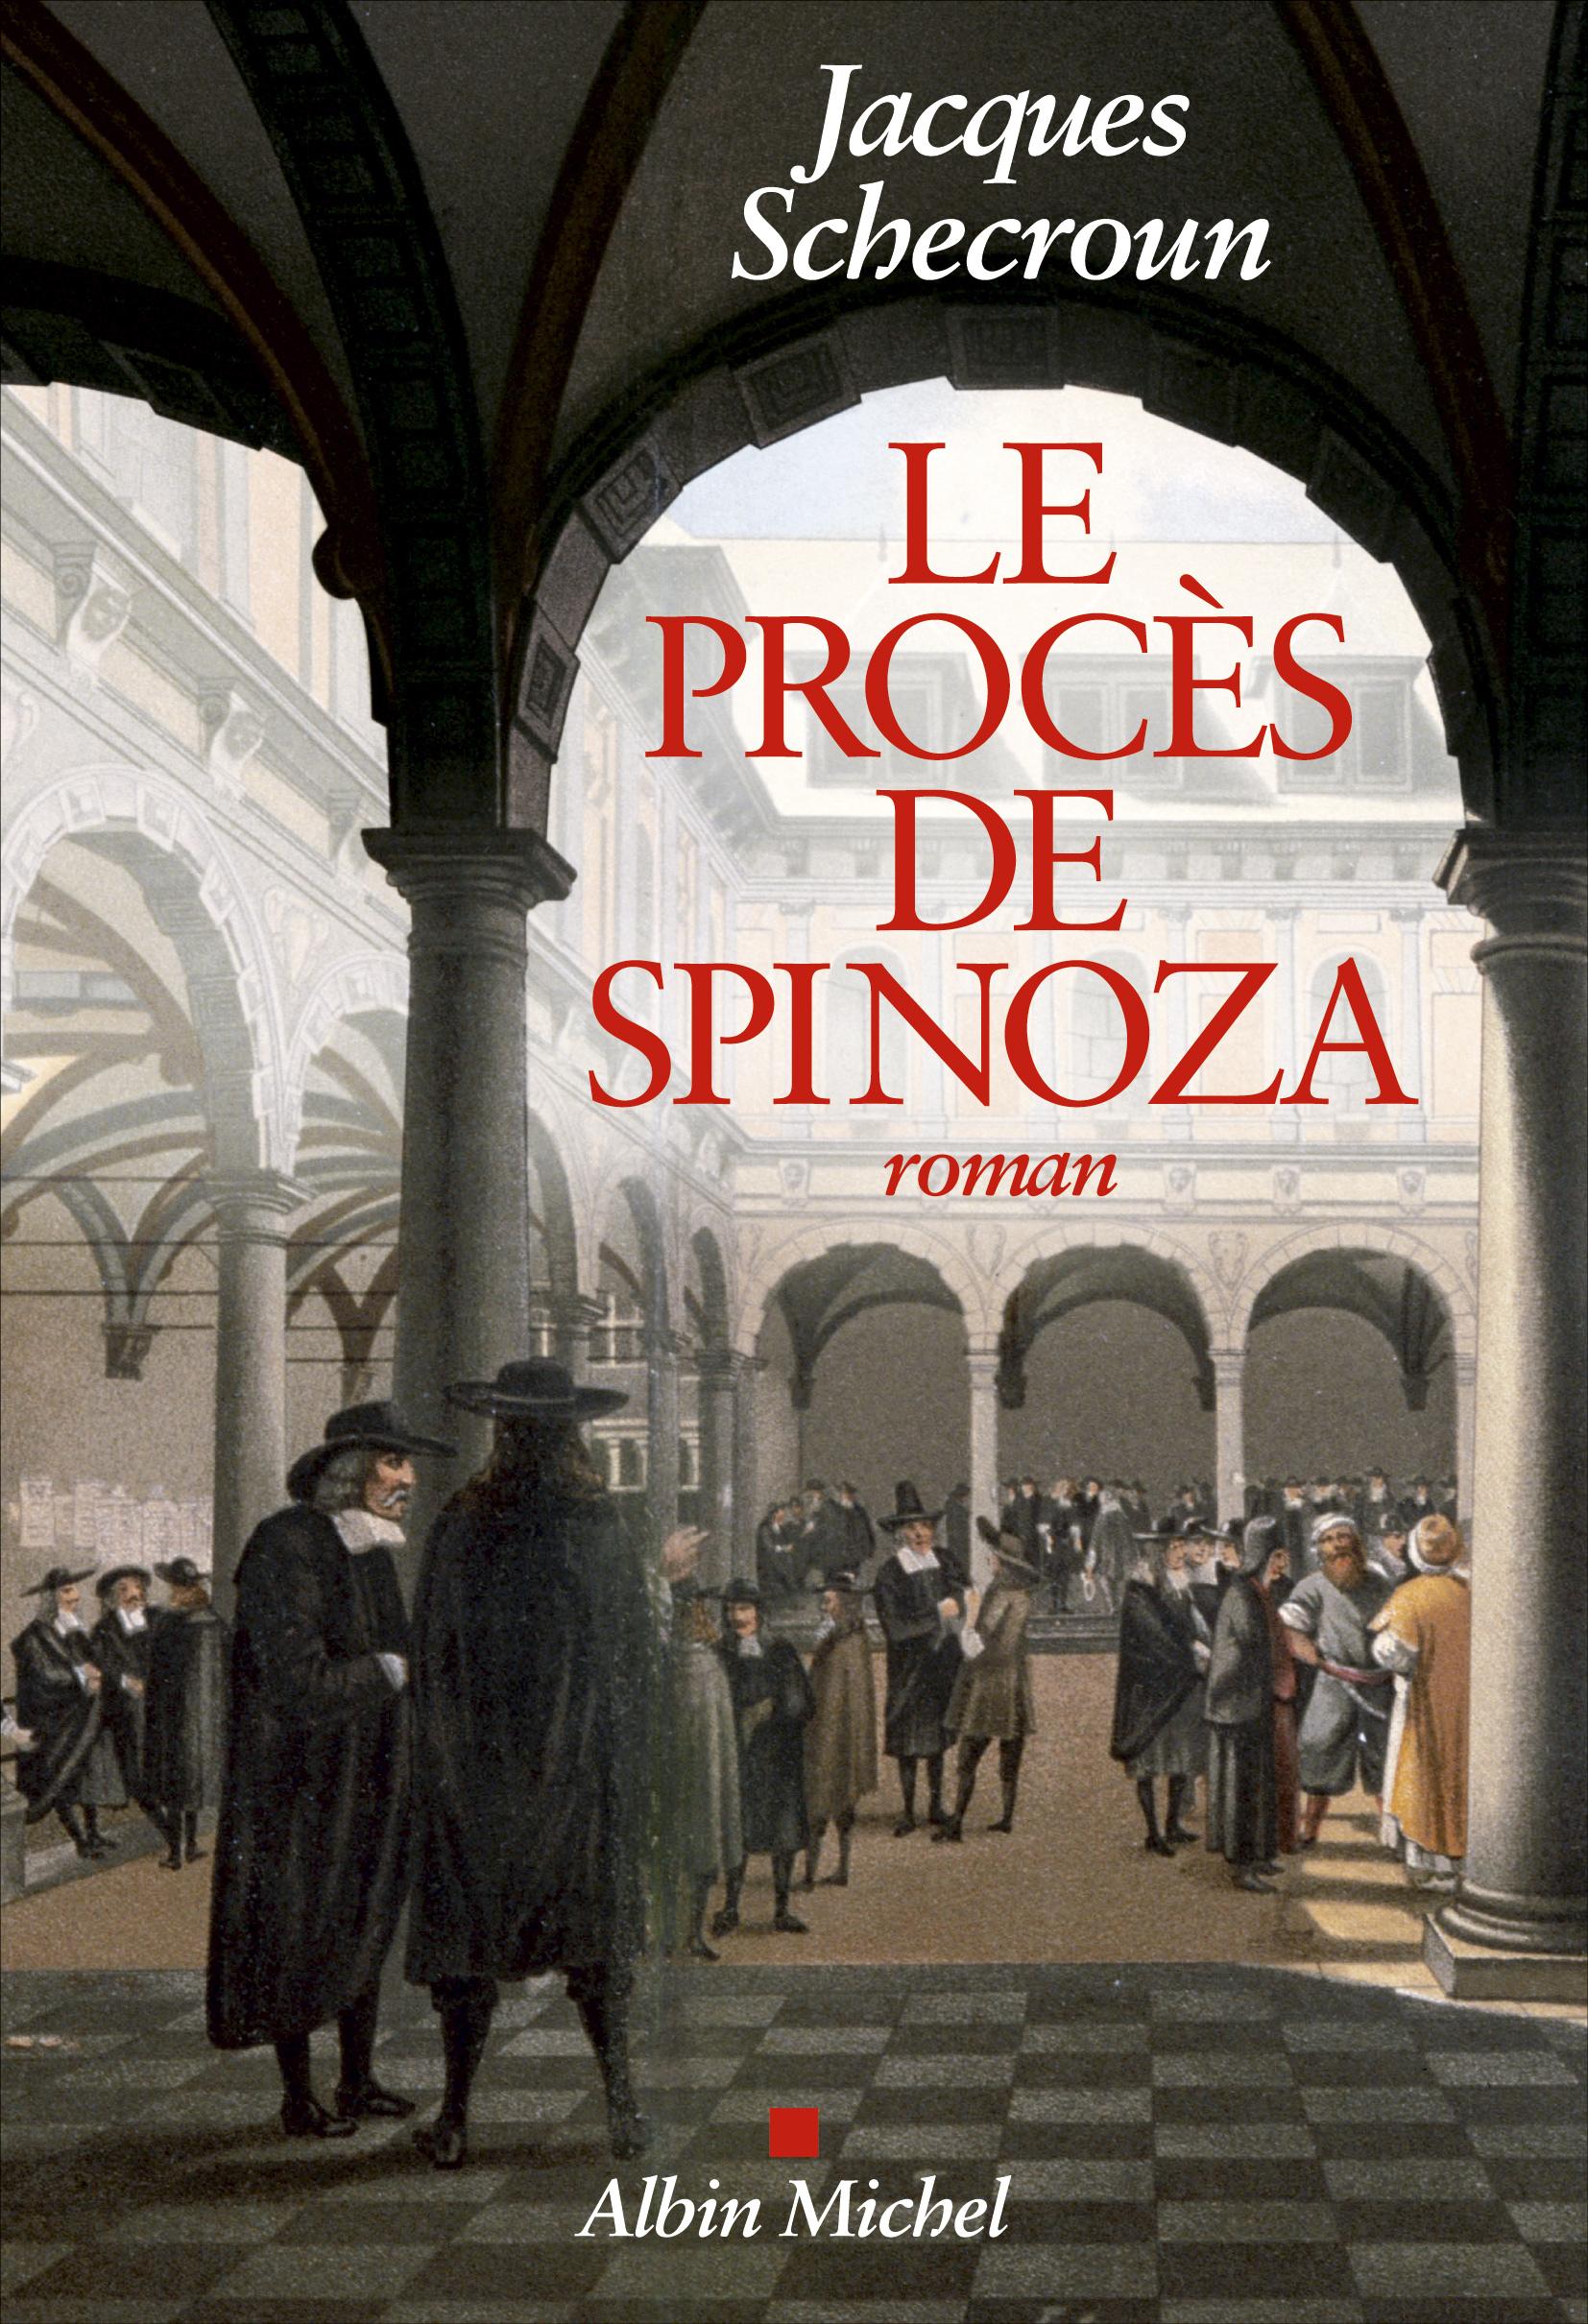 Le Procès de Spinoza, Jacques Schecroun